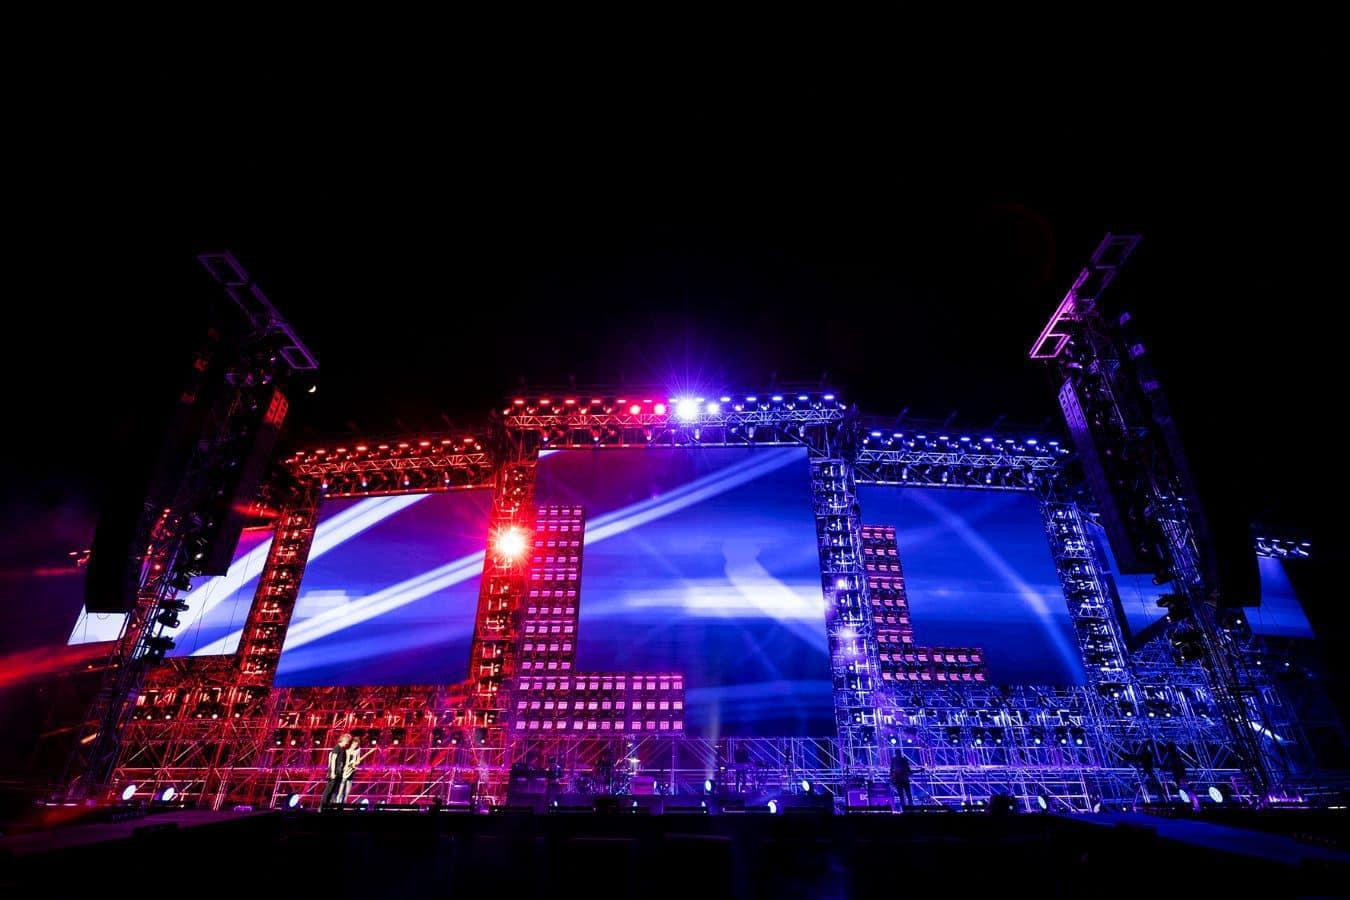 Start Tour 2019 di Ligabue: le immagini della prova generale 2